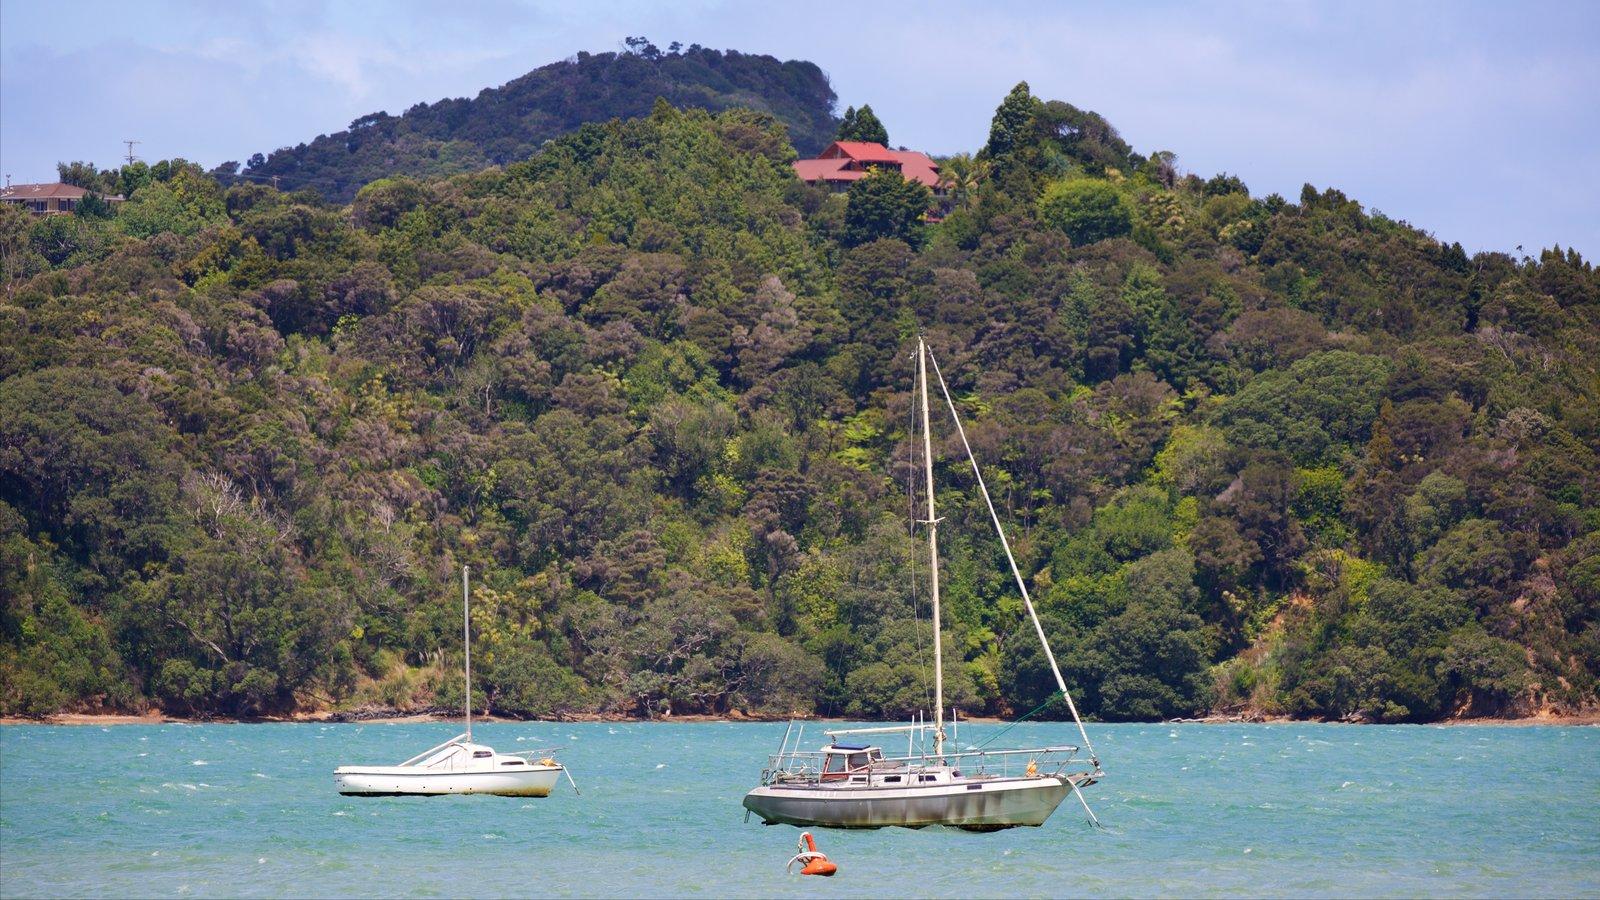 Whangarei ofreciendo una bahía o puerto y navegación